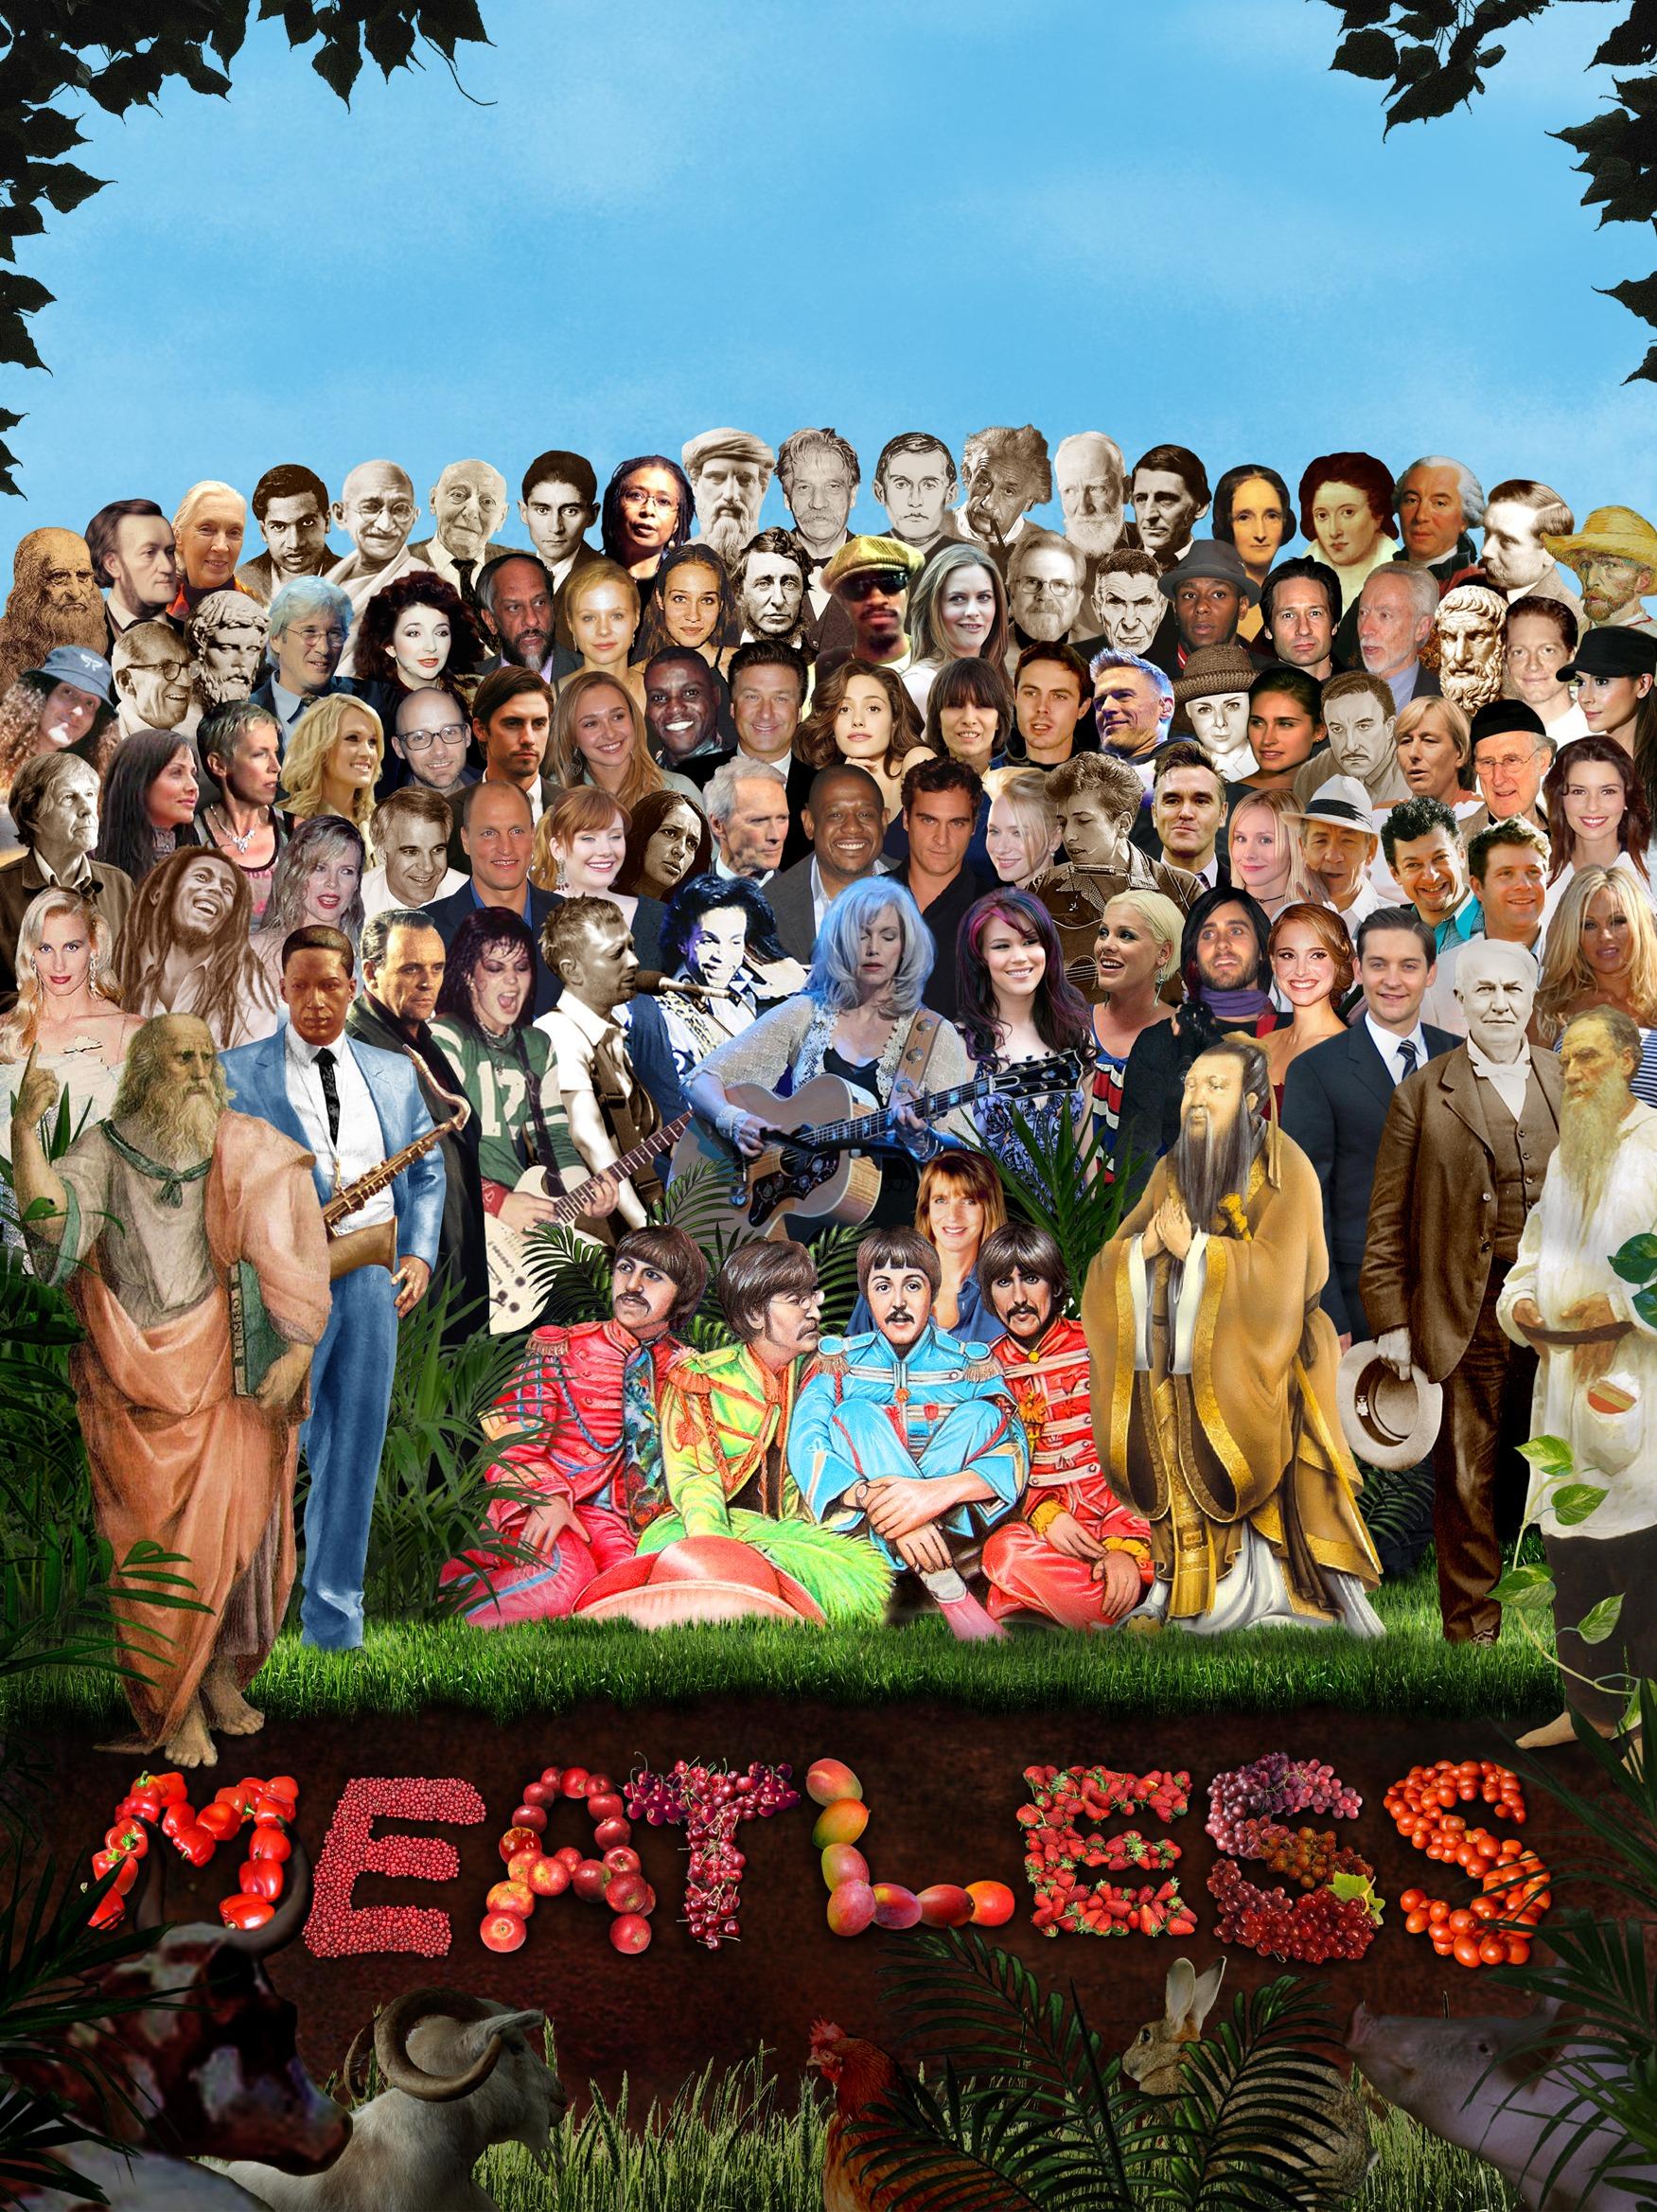 Plakat med mange kjente vegetarianere og veganere